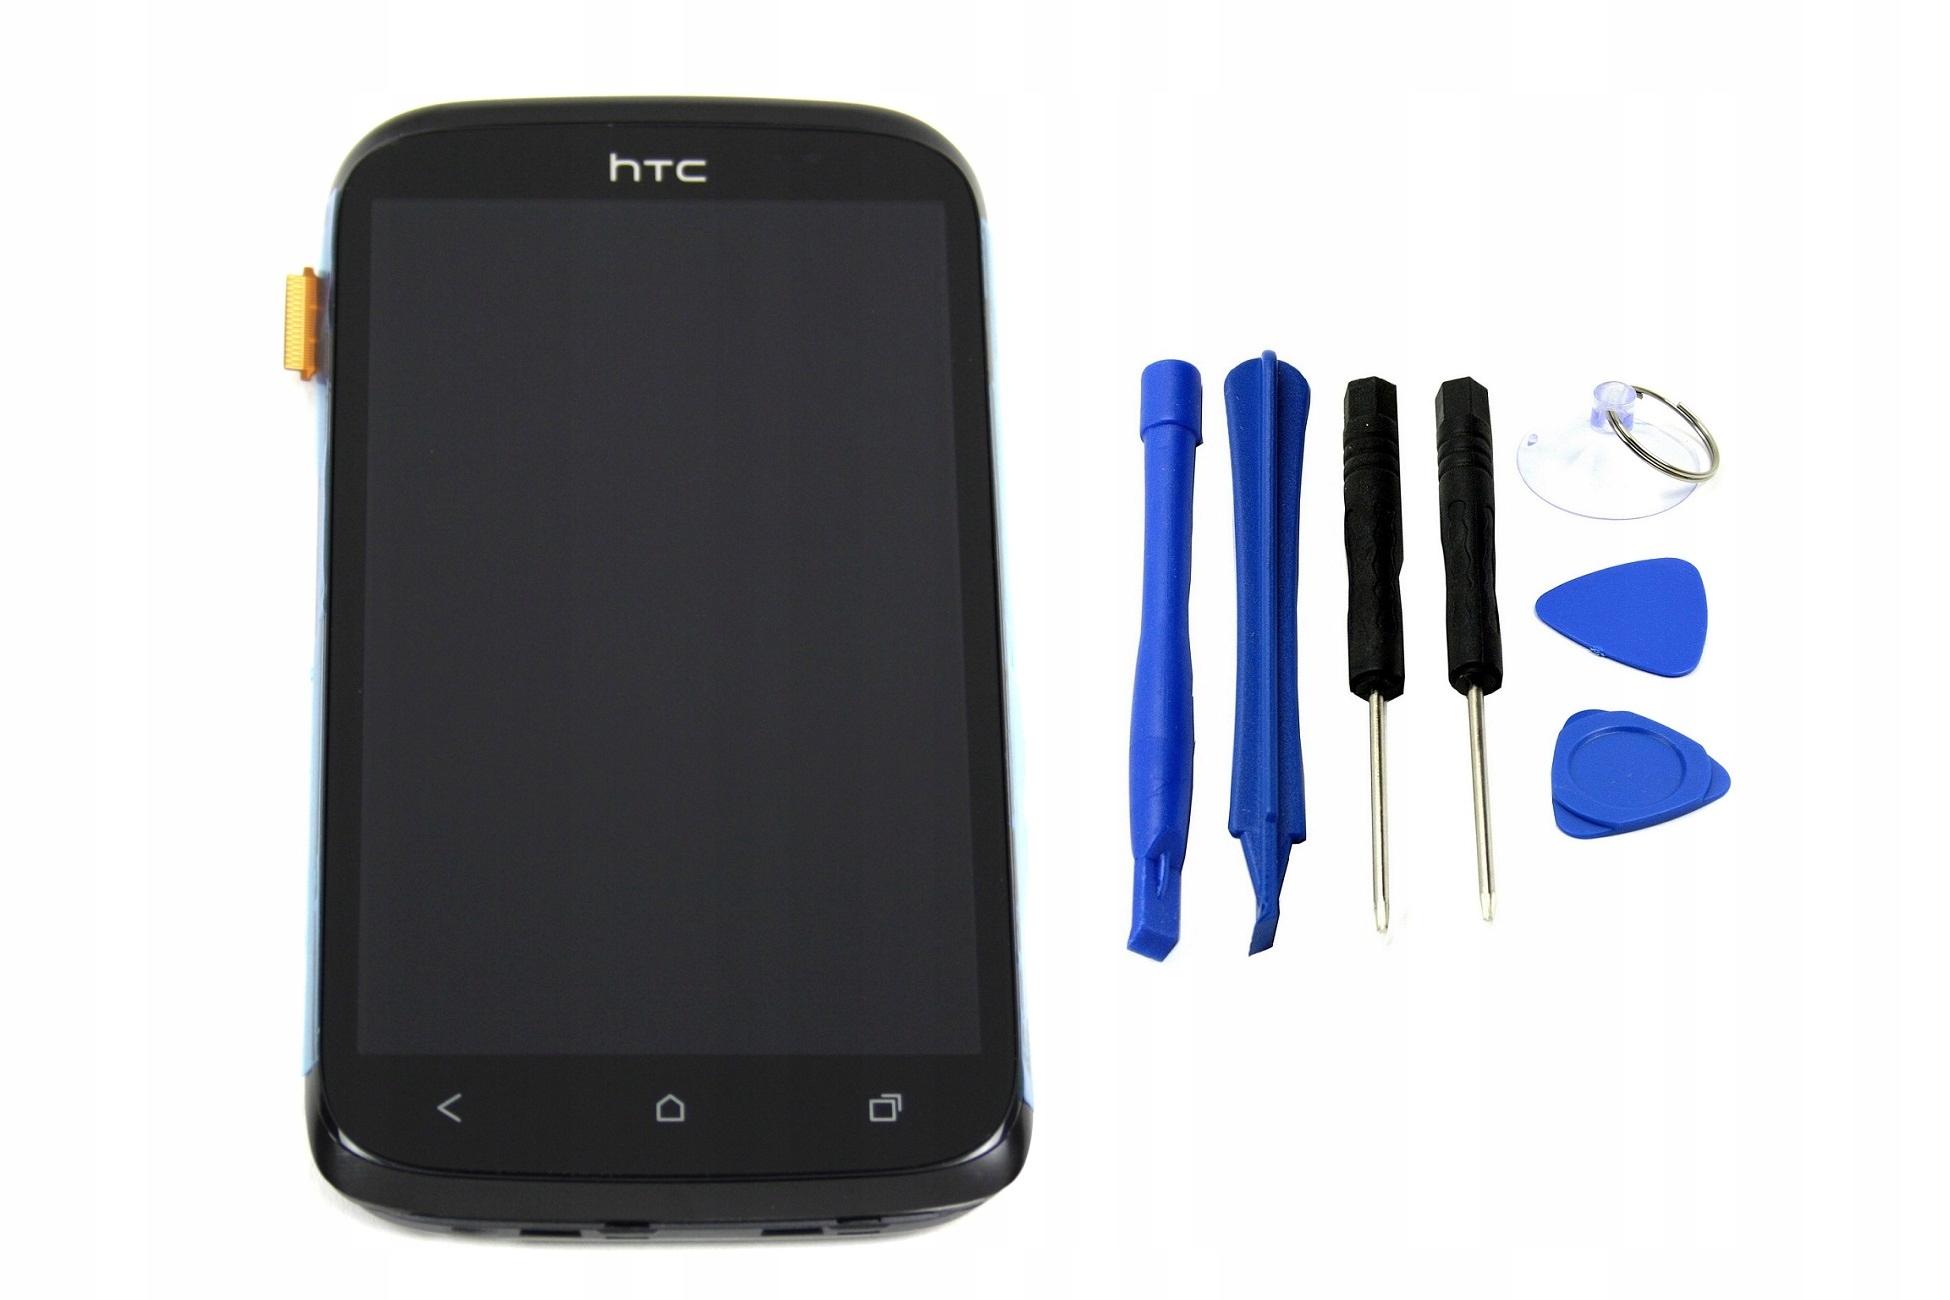 LCD WYŚWIETLACZ EKRAN HTC DESIRE X T328E